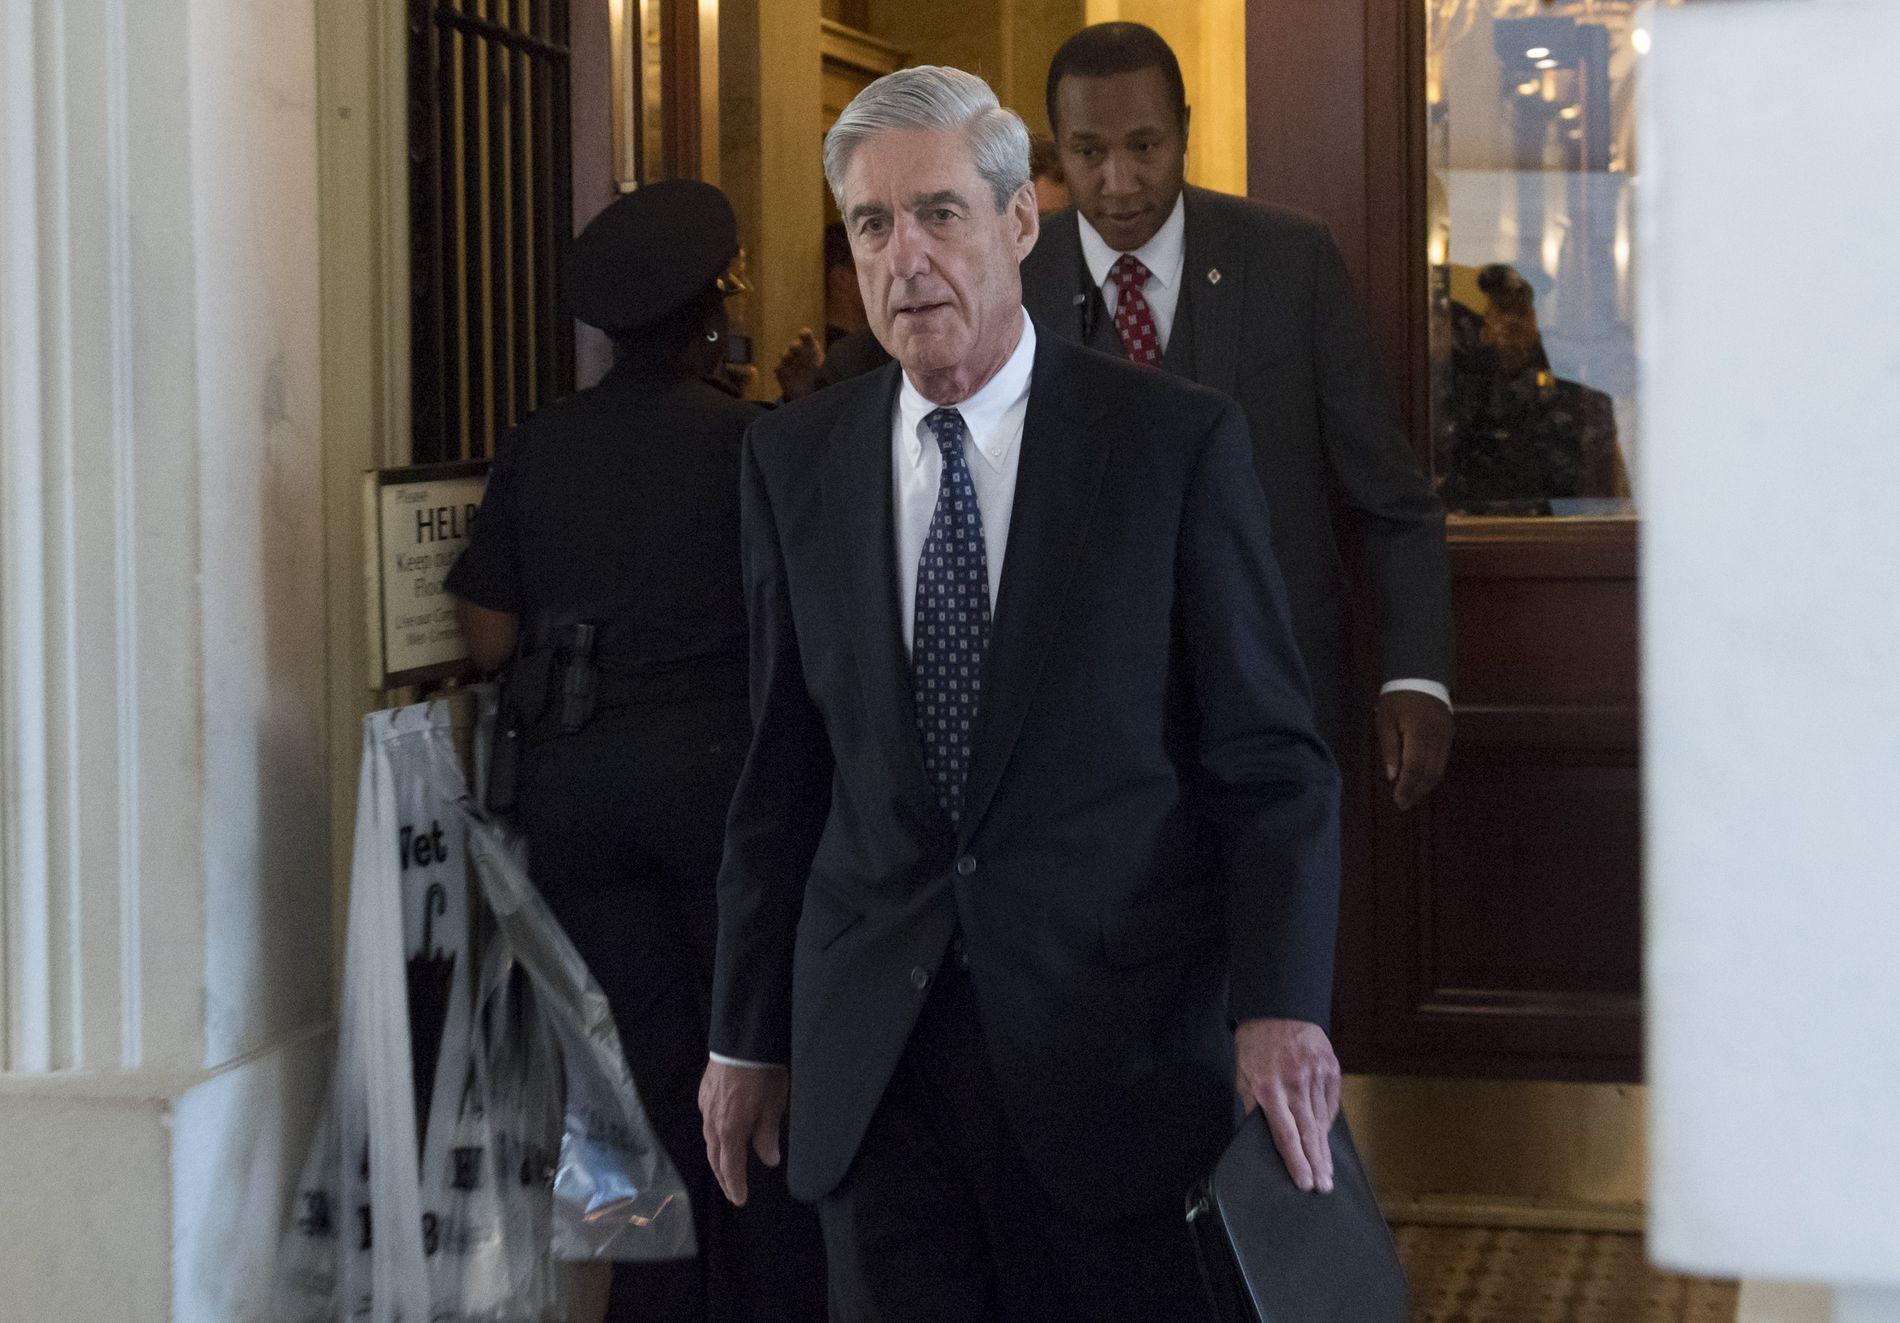 ETTERFORSKER: Spesialetterforsker Robert Mueller kan ha avdekket et forsøk på å etablere en hemmelig kanal mellom Trump-administrasjonen og Russland.